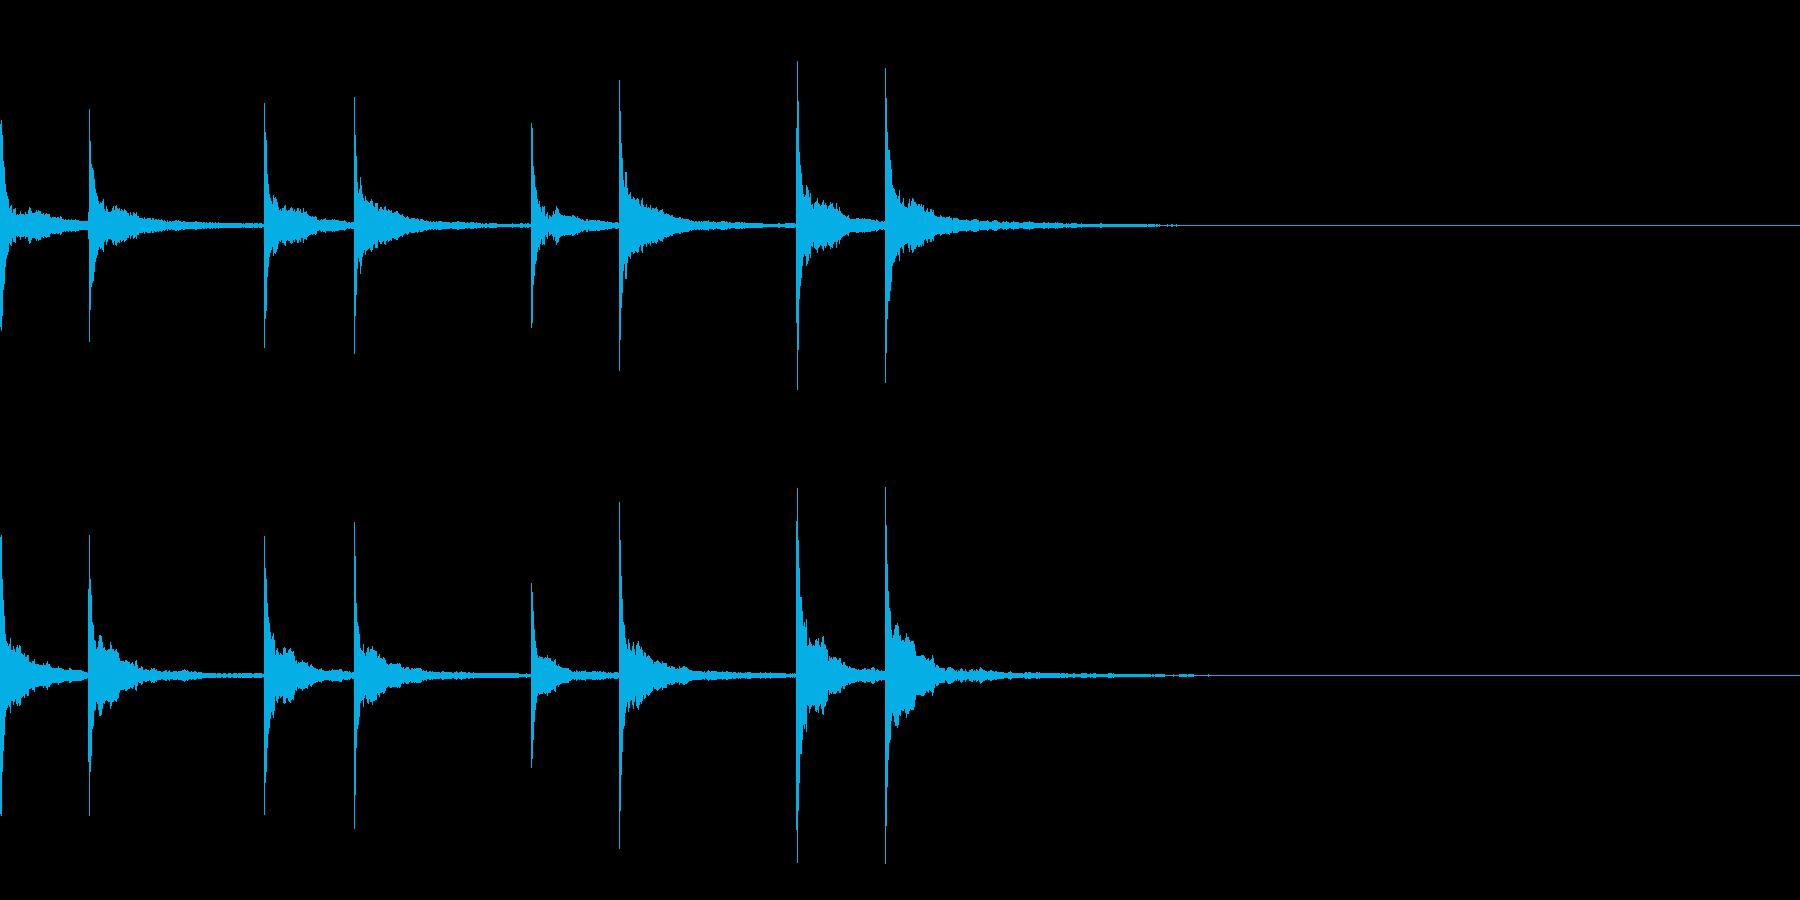 沖縄風通知音01の再生済みの波形